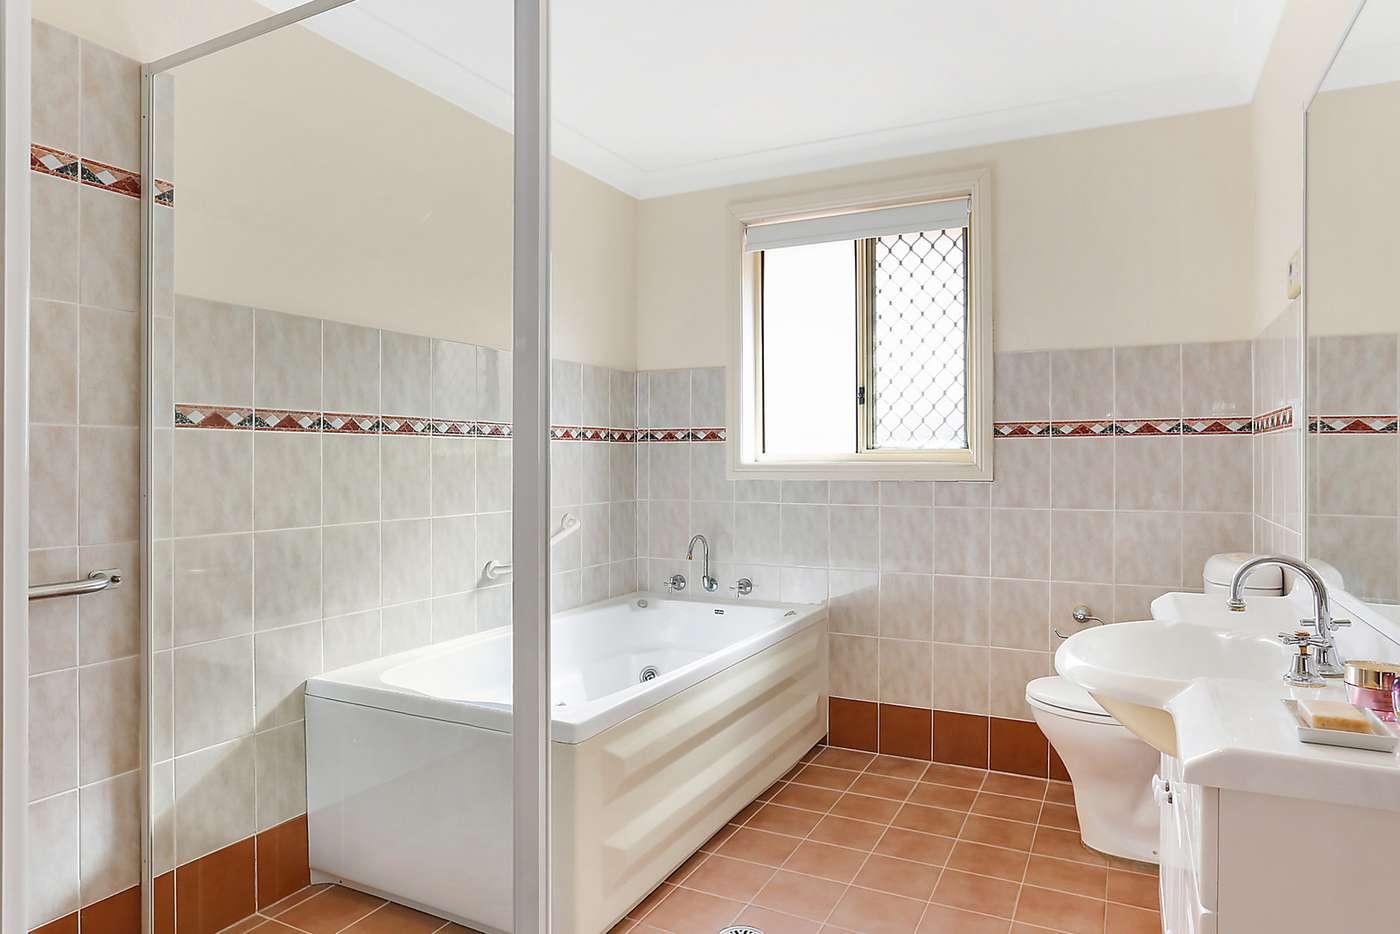 Sixth view of Homely villa listing, 1/148 Karimbla Road, Miranda NSW 2228